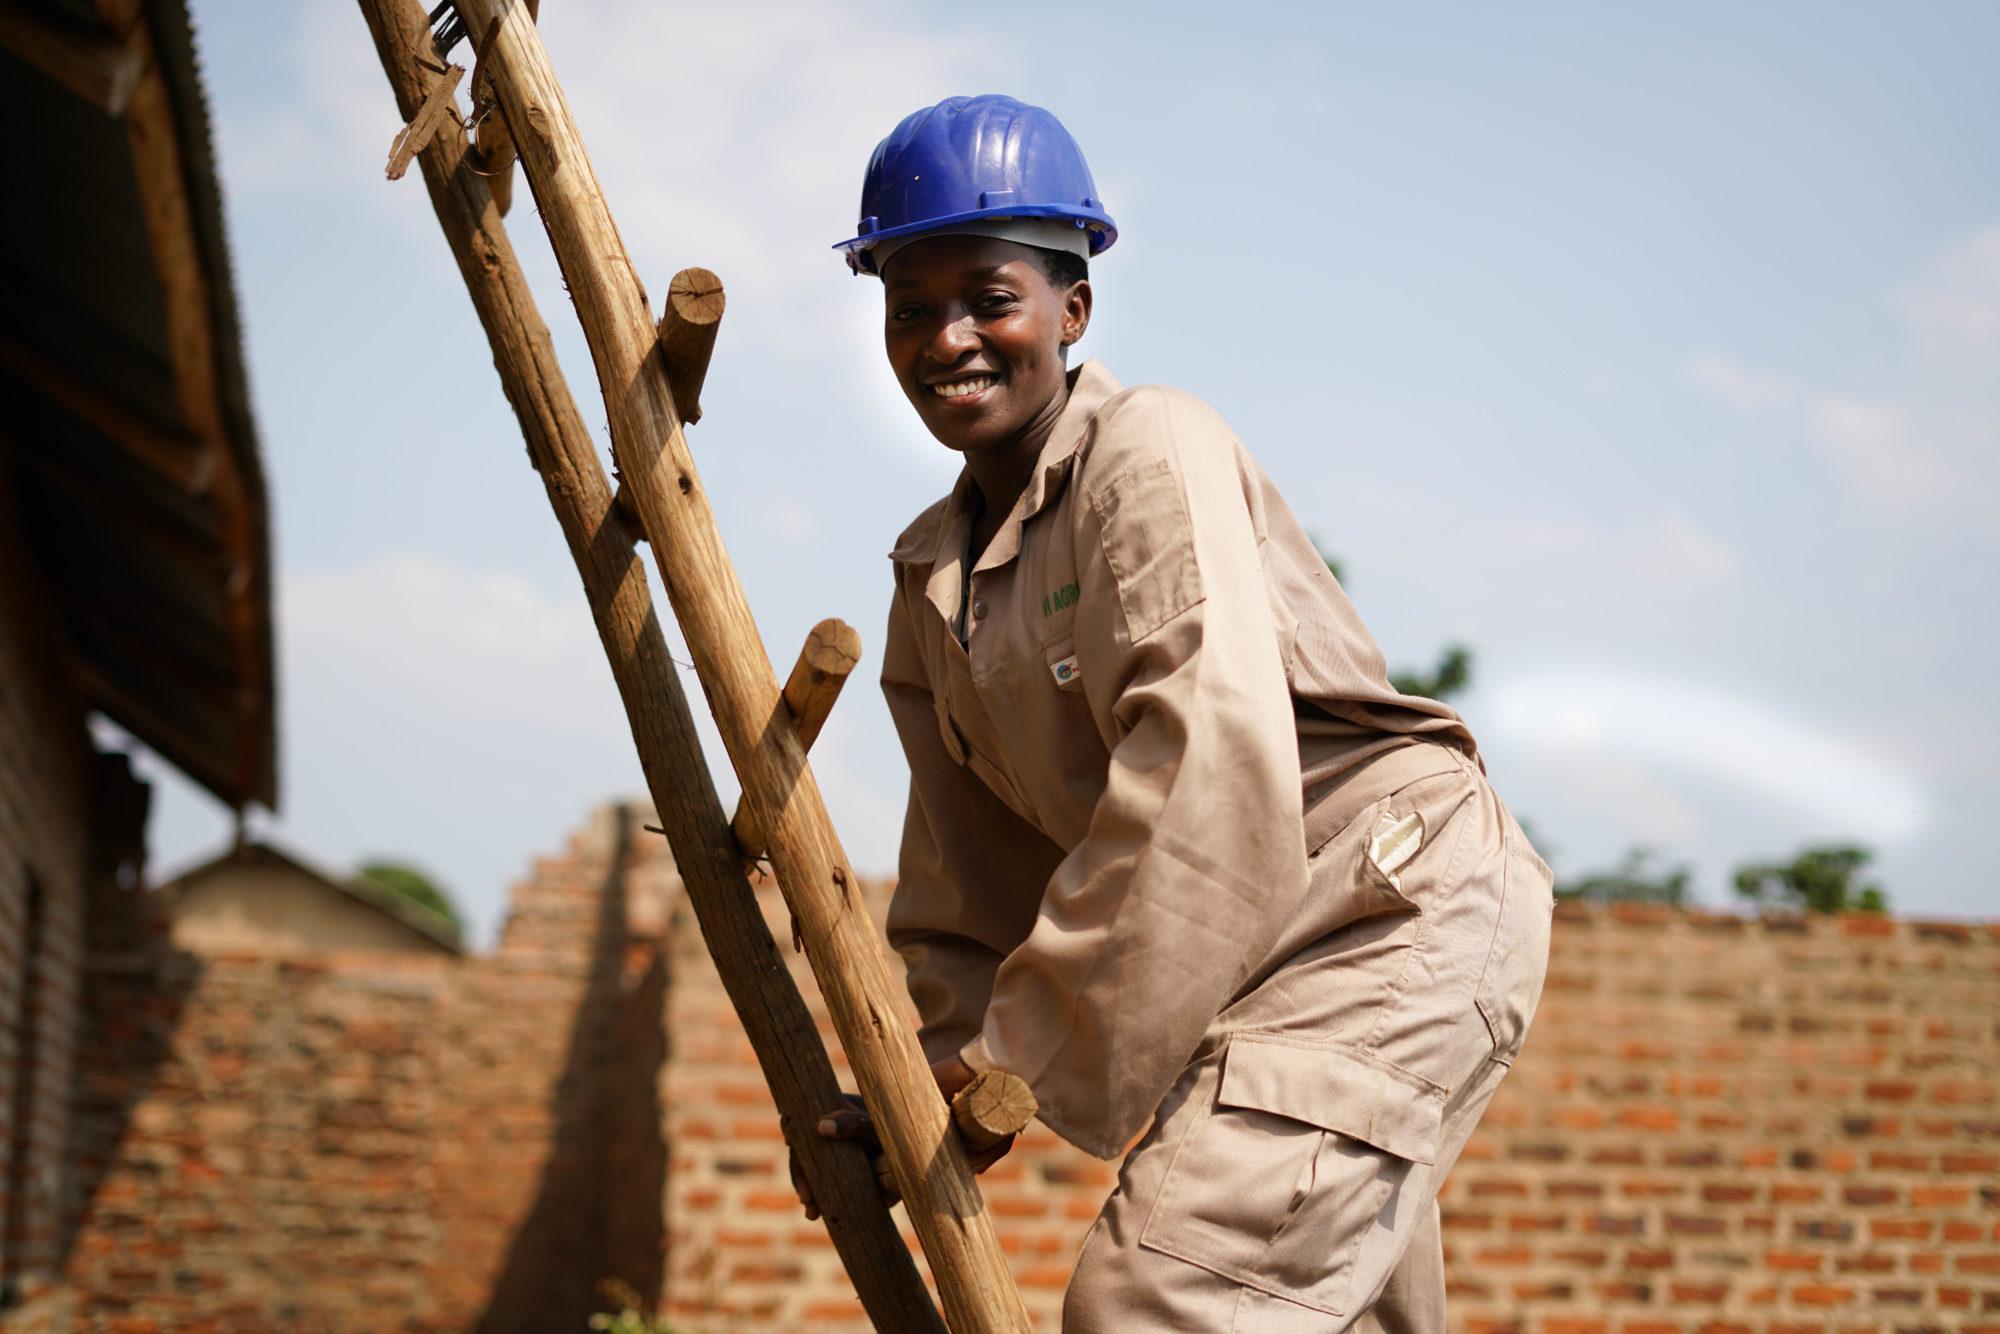 Tillsammans med bondeorganisationen SEDFA har Vi-skogen utbildat Henry Kiwota och Rosette Nsiment och andra ungdomar i Kasaana Youth Development i att installera, underhålla och reparera solpaneler.